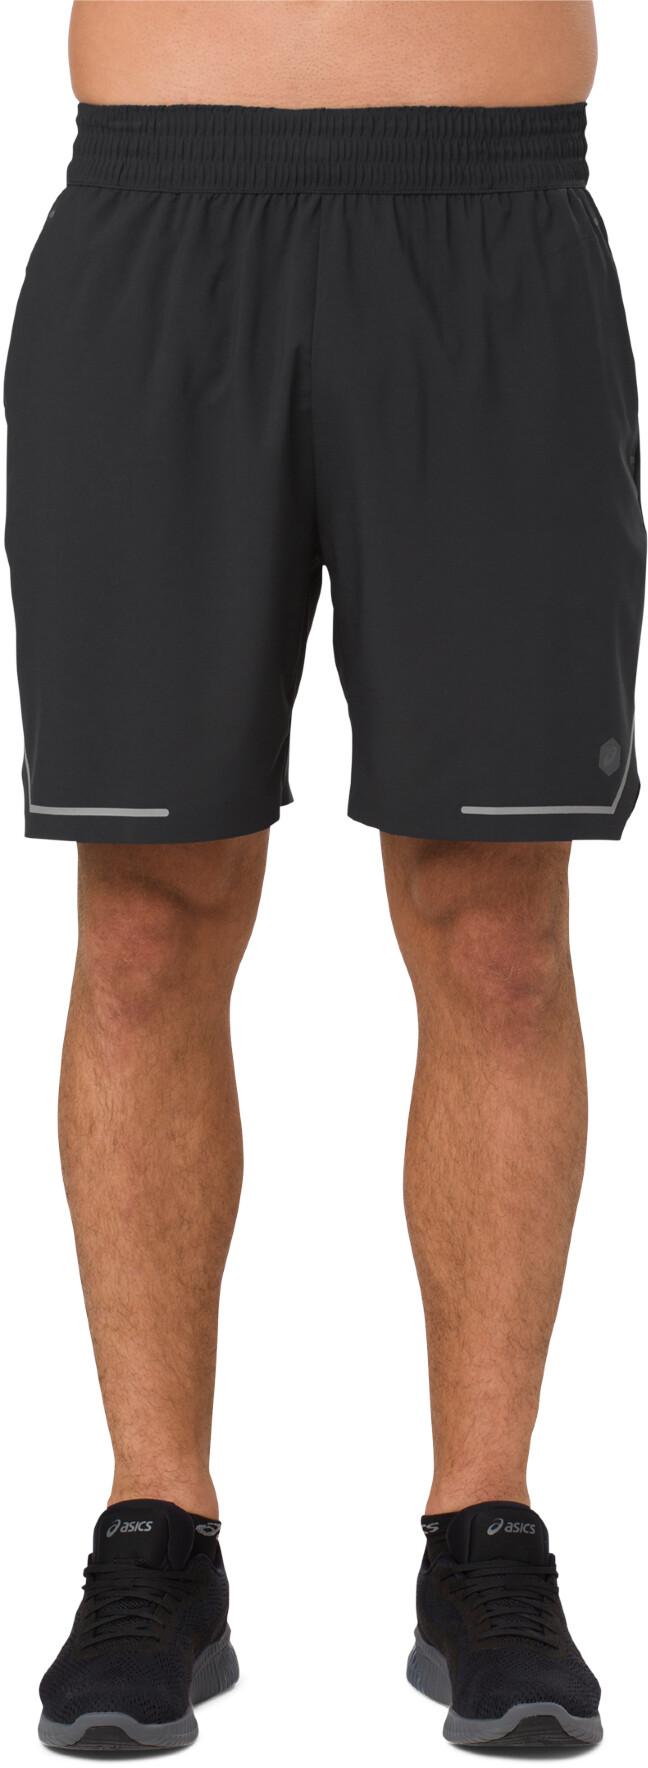 asics Best 7In Spodnie krótkie Mężczyźni, performance black